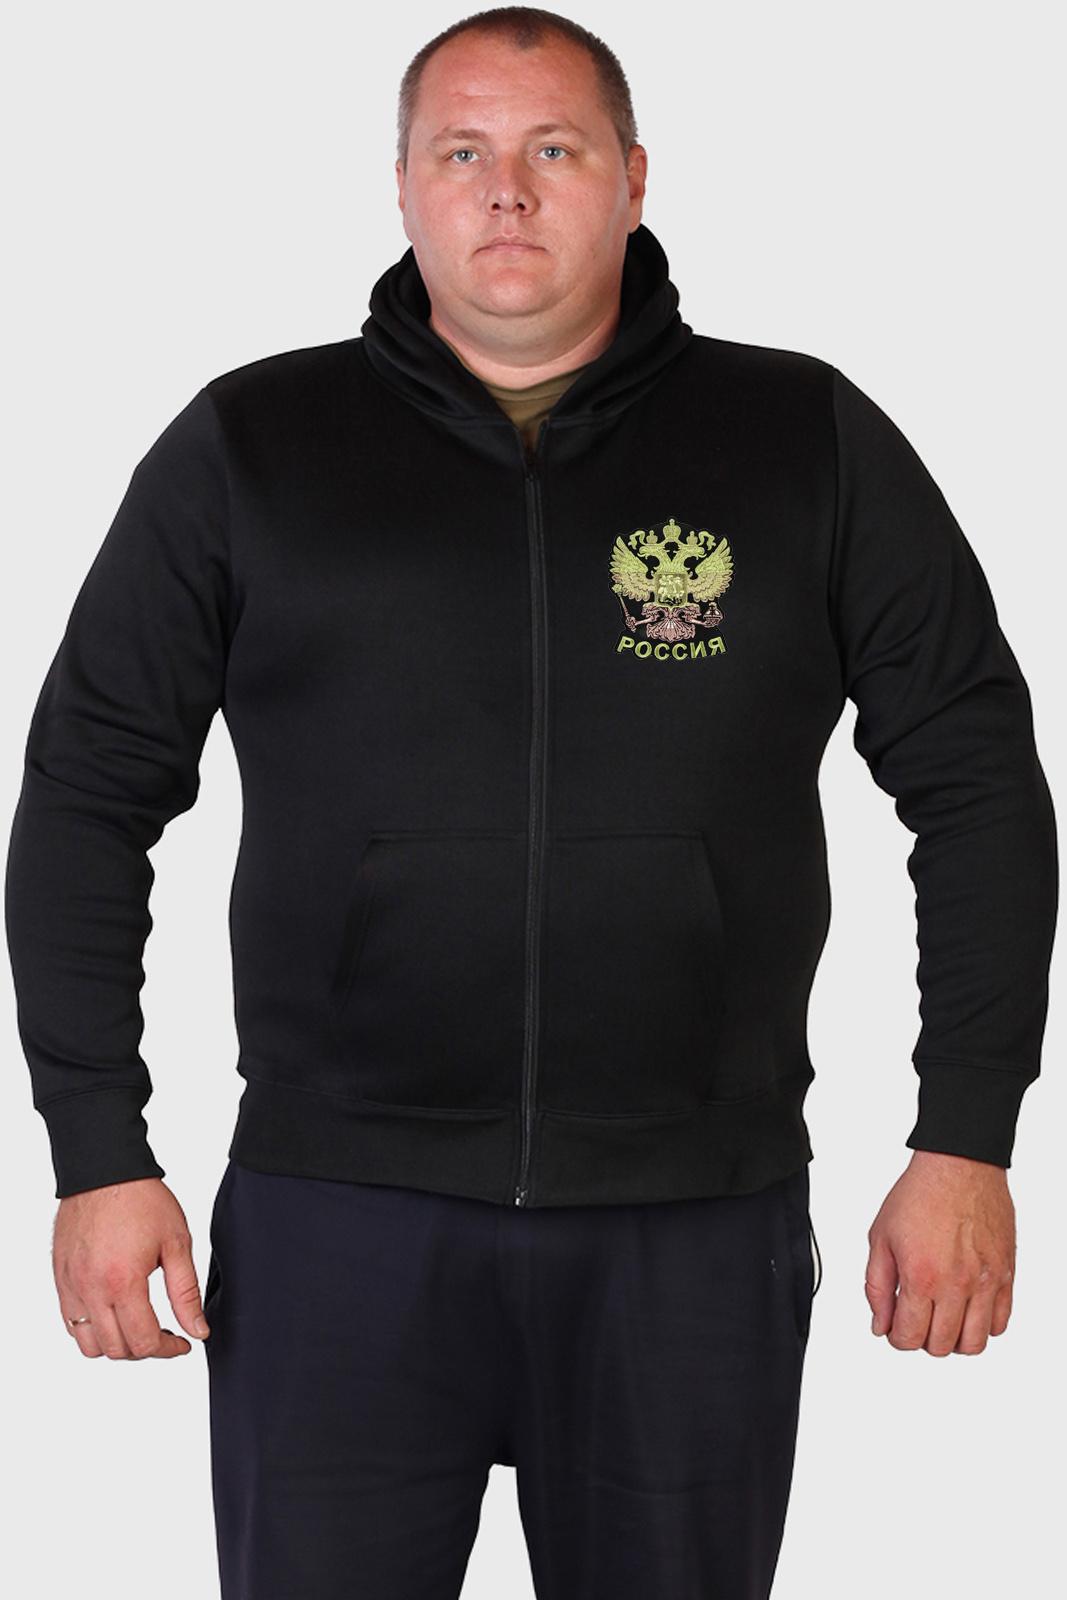 Недорогие фабричные толстовки с вышивкой РОССИЯ